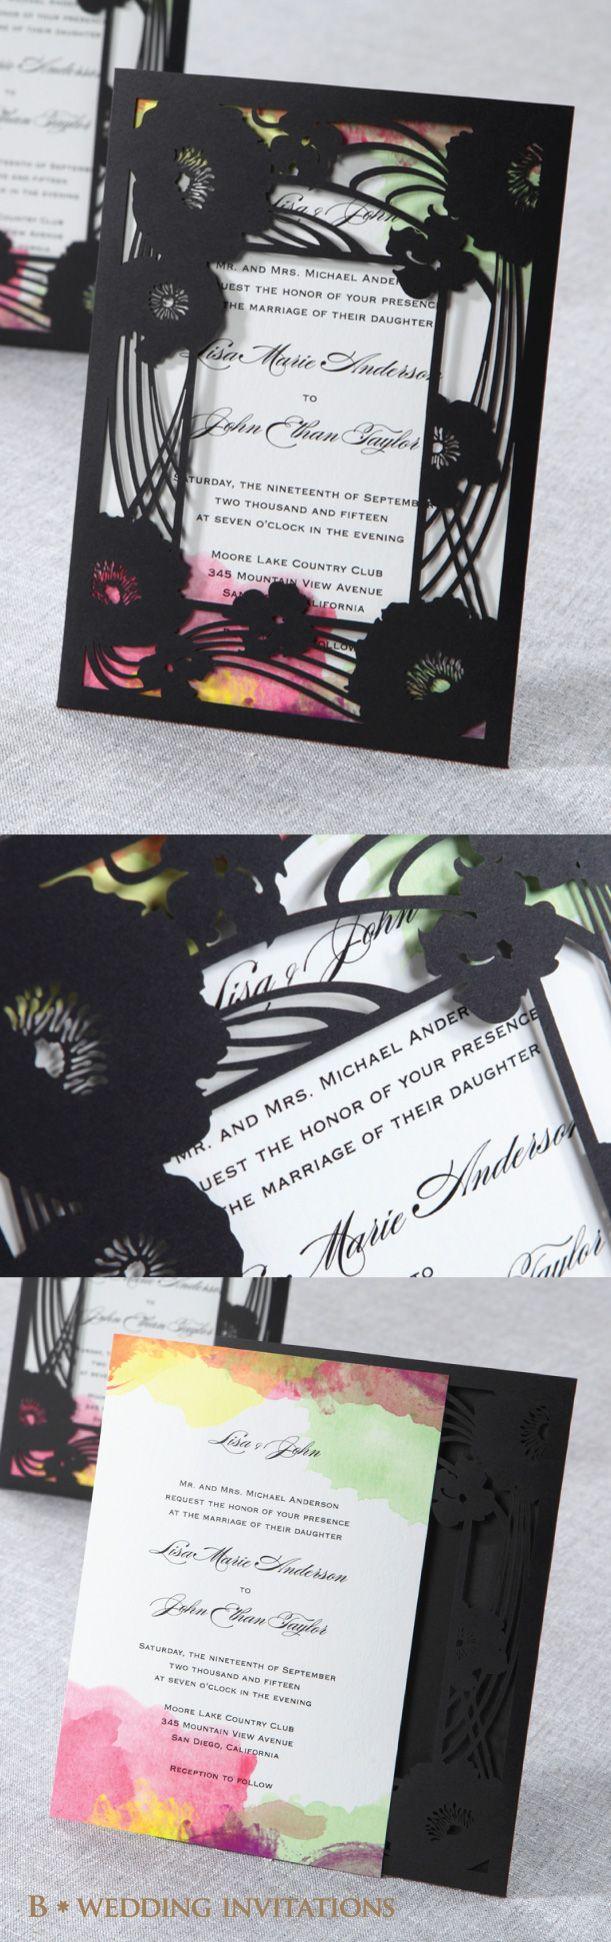 Laser Cut Frame Pocket By B Wedding Invitations #bweddinginvitations # Wedding #invitations #weddinginvitations